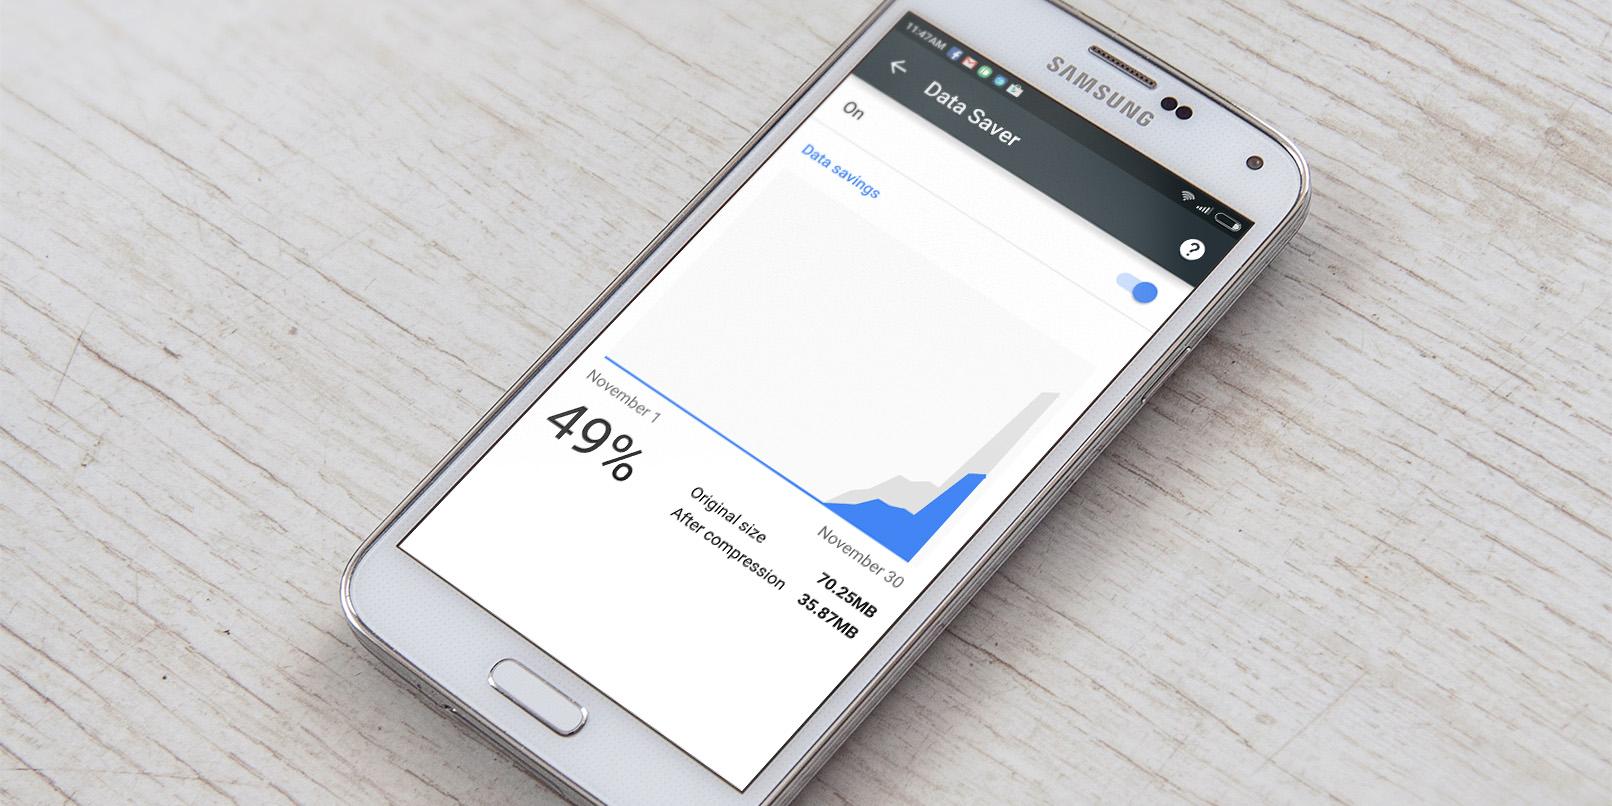 Chrome-Data-Saver